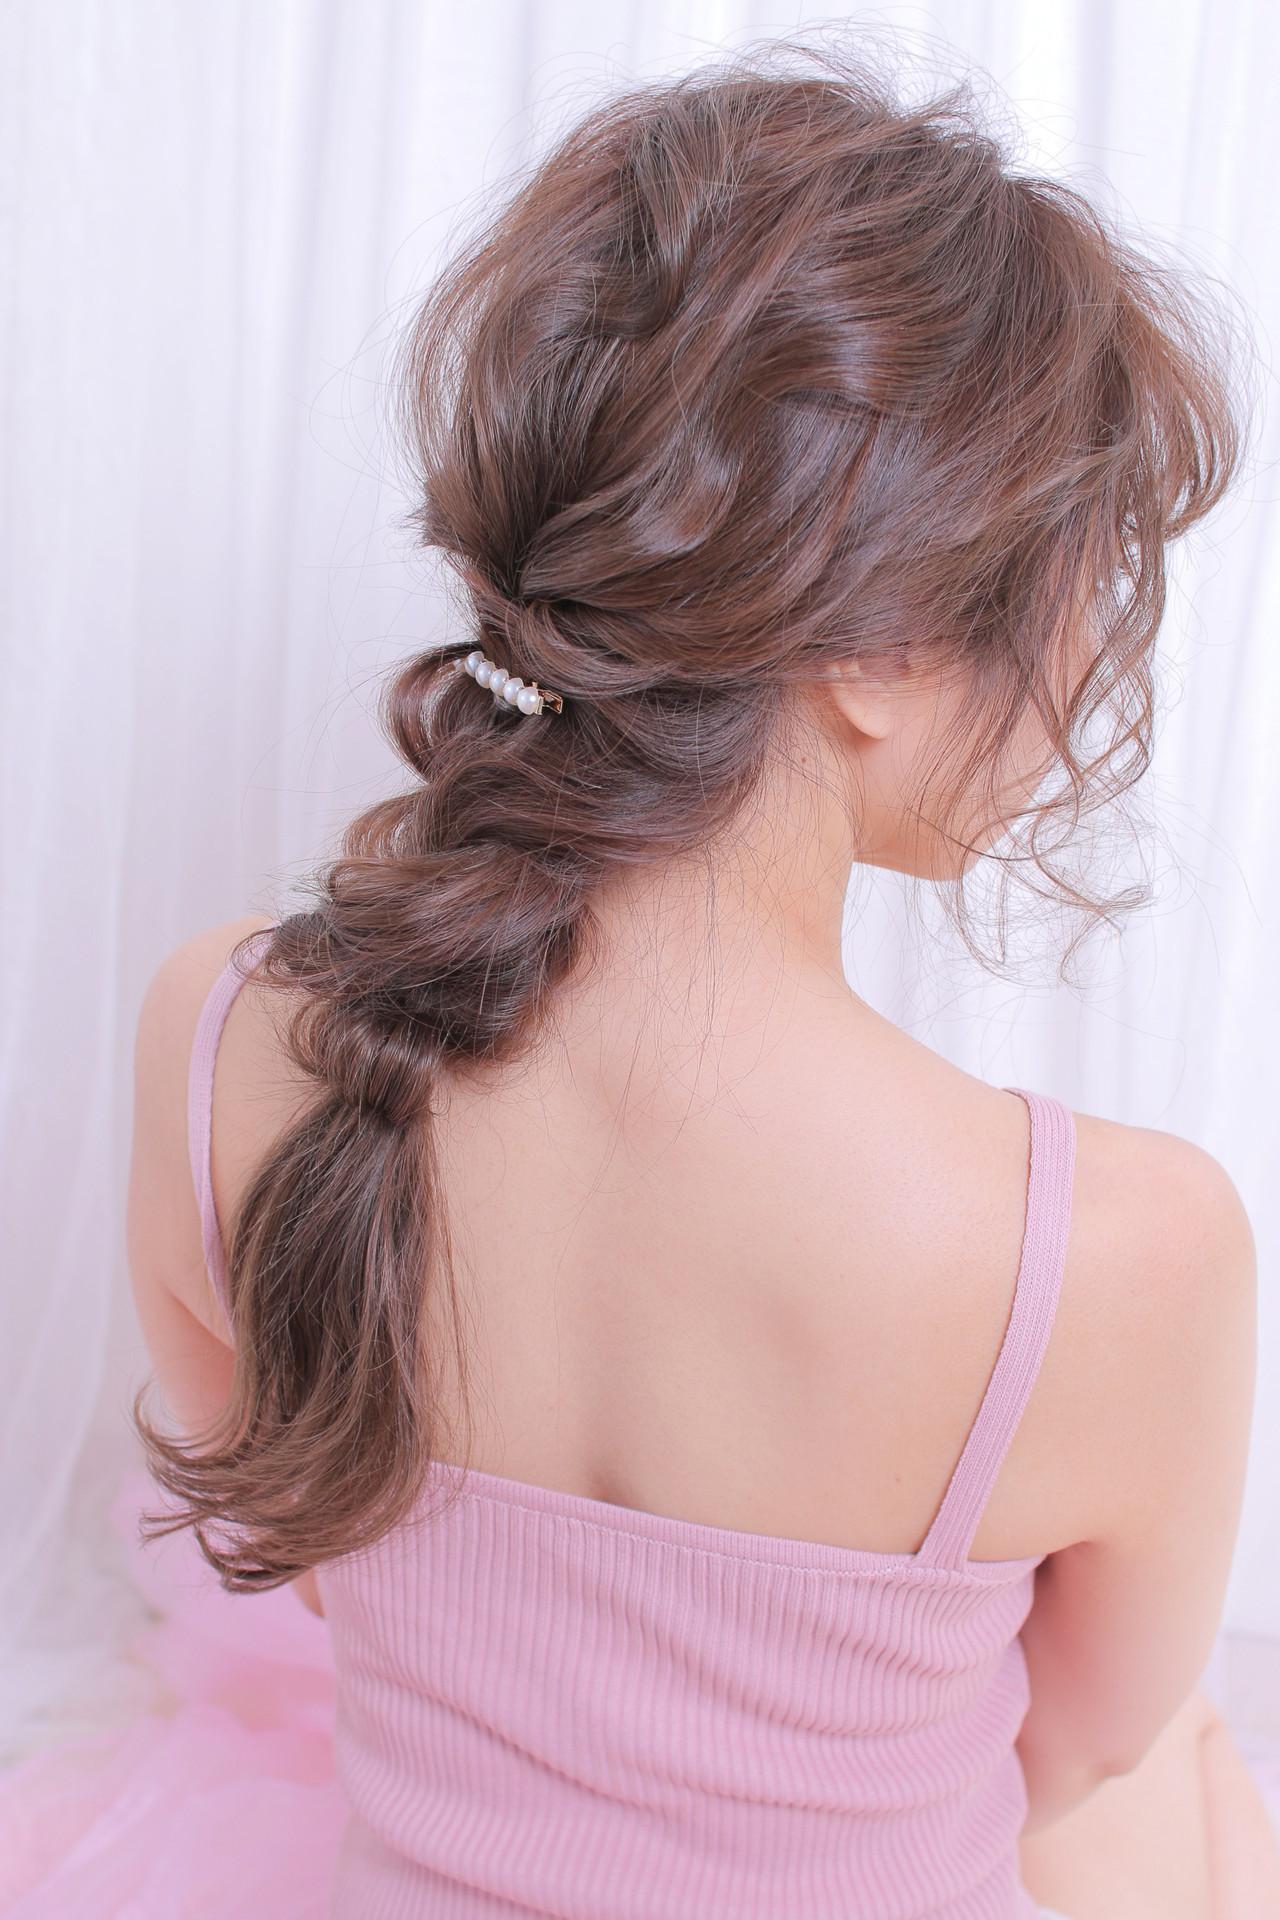 アンニュイほつれヘア ゆるふわセット ロング 撮影 ヘアスタイルや髪型の写真・画像